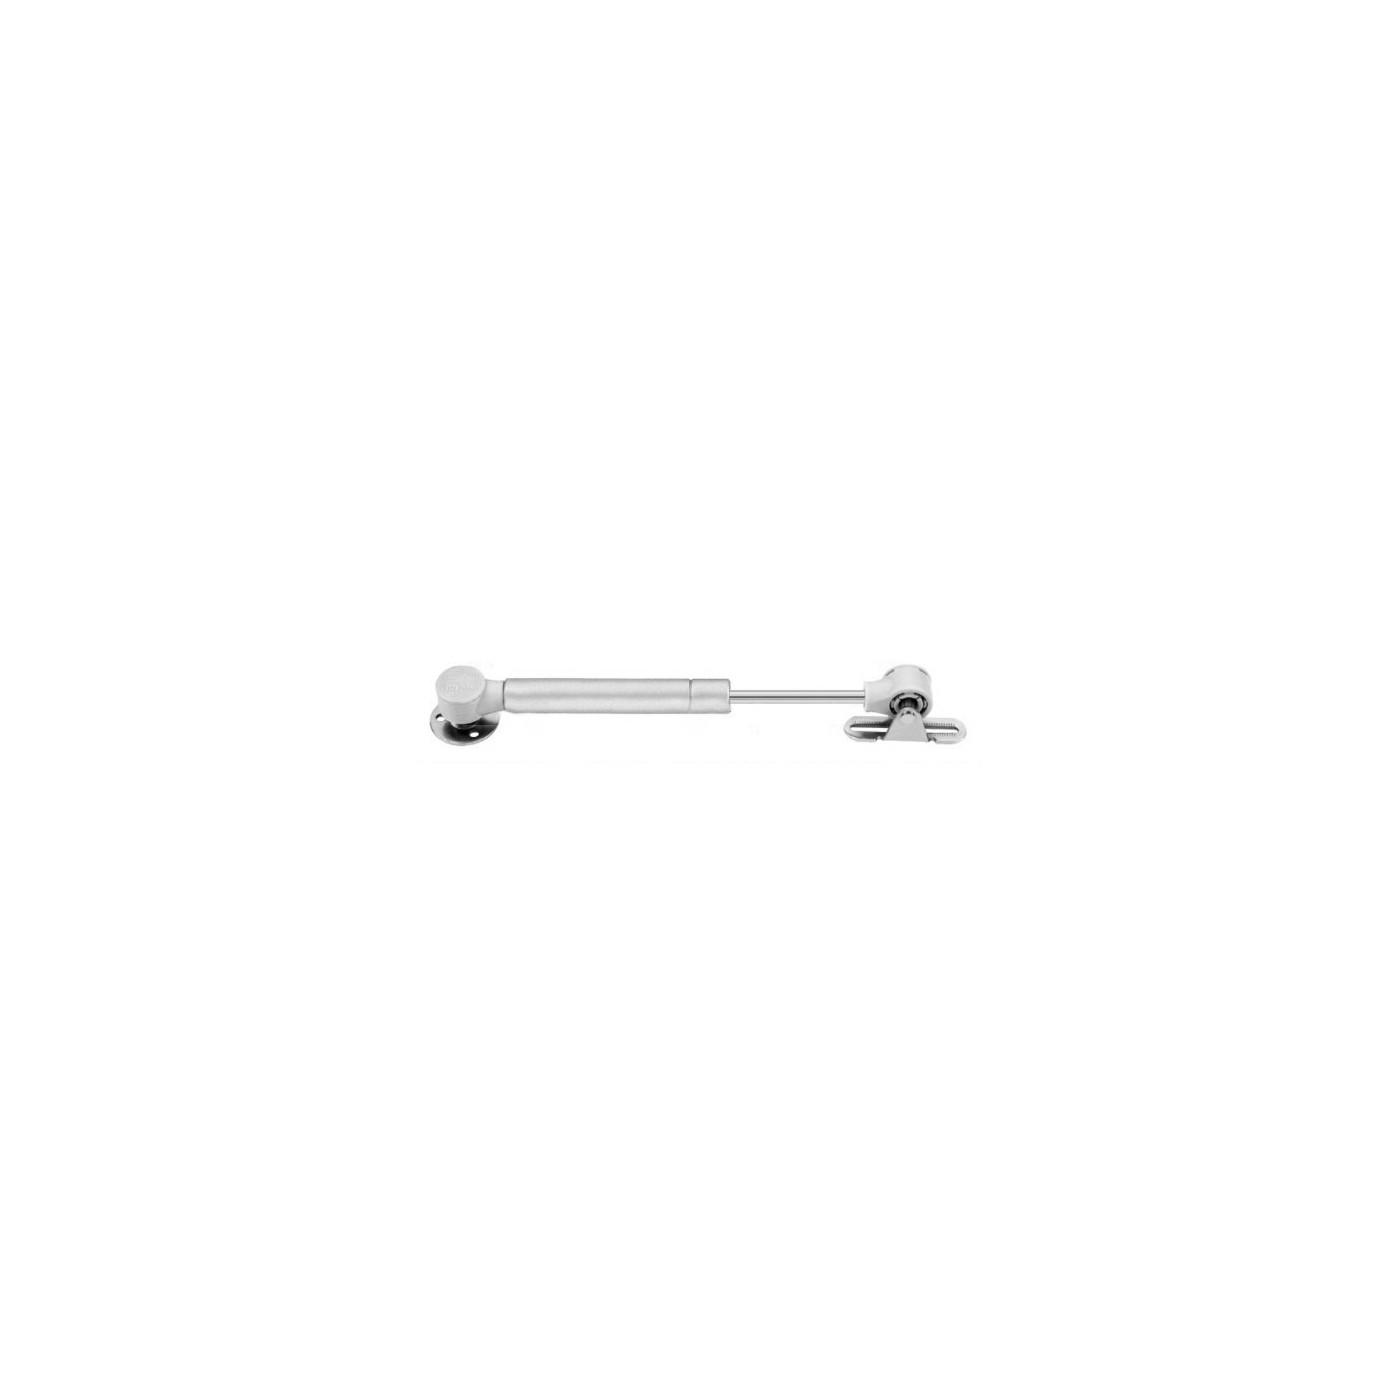 Universele gasveer (gasdrukveer) met beugels (50N/5kg, 172 mm, zilver)  - 1